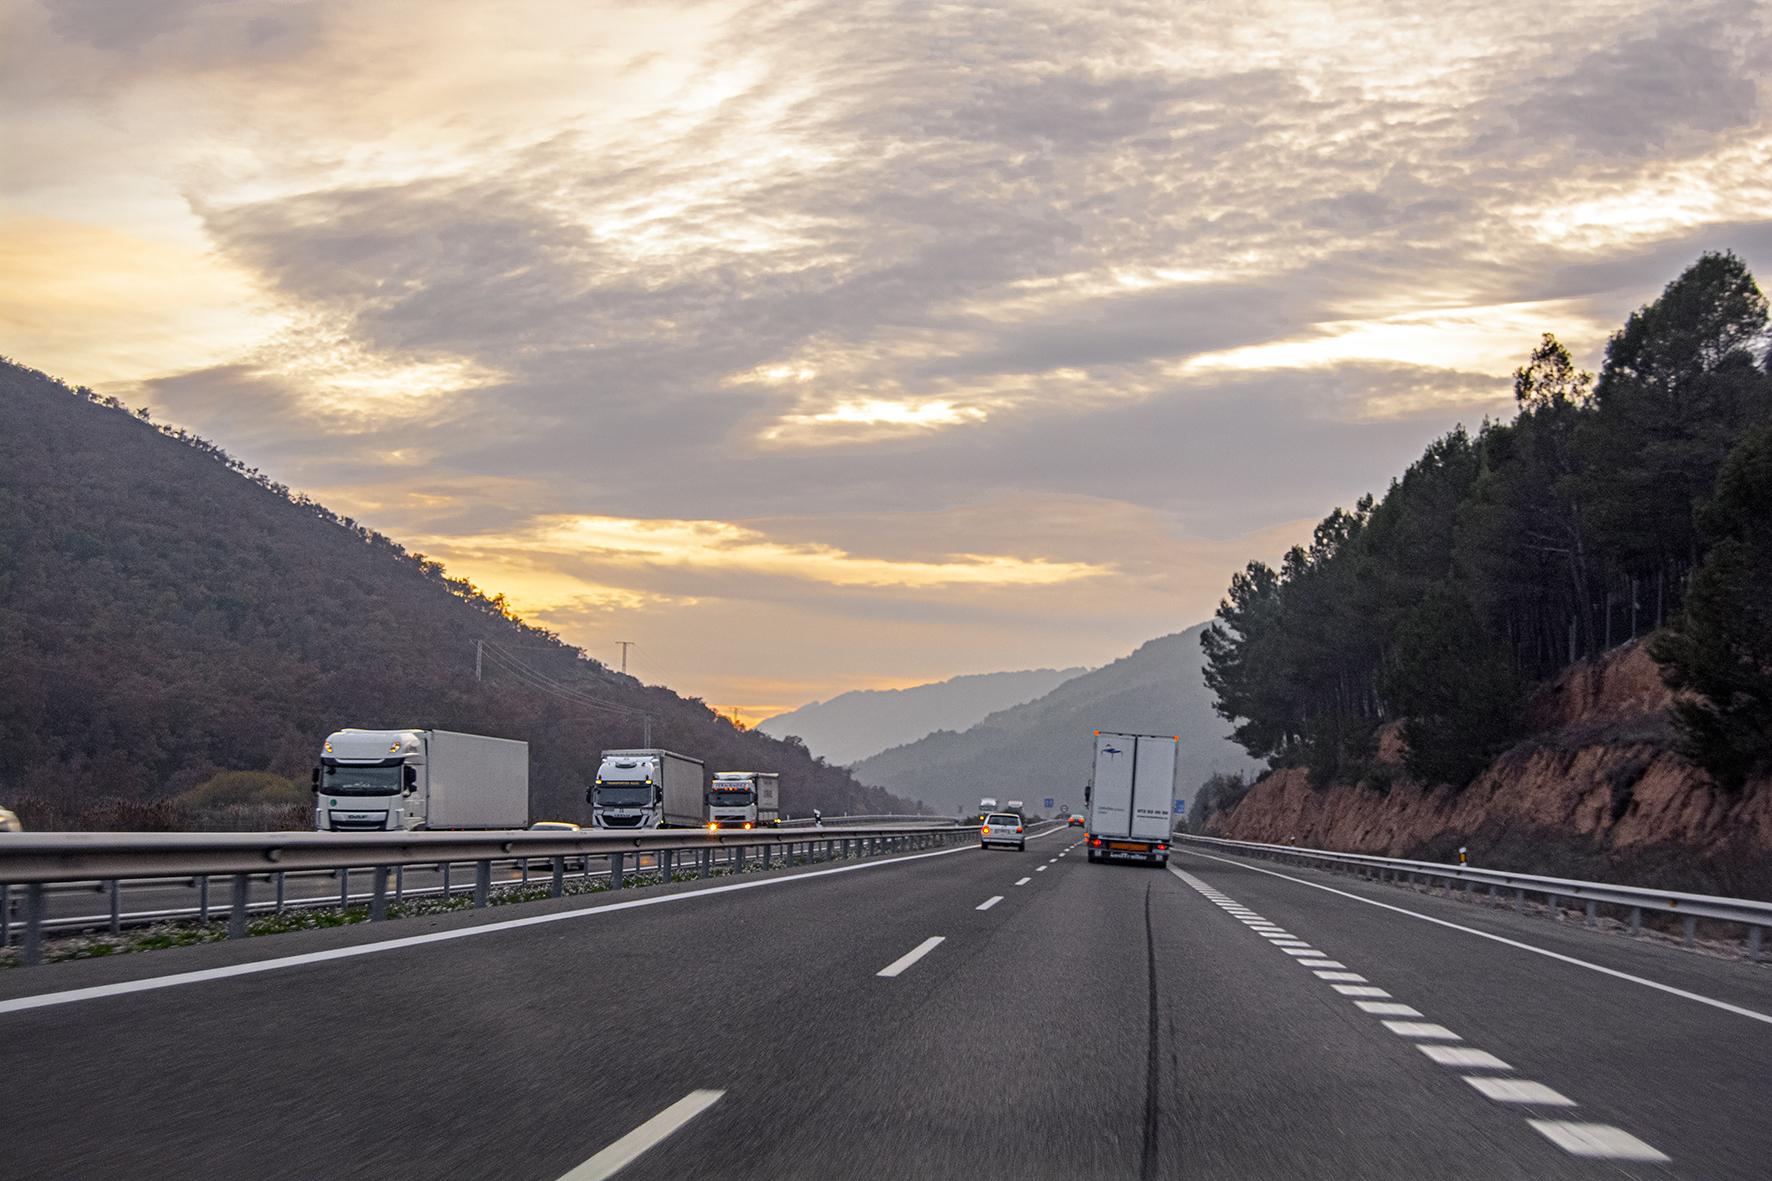 El Comité Nacional ha elaborado una lista de diez reivindicaciones sobre temas clave para el correcto funcionamiento y la viabilidad del sector de transporte por carretera.